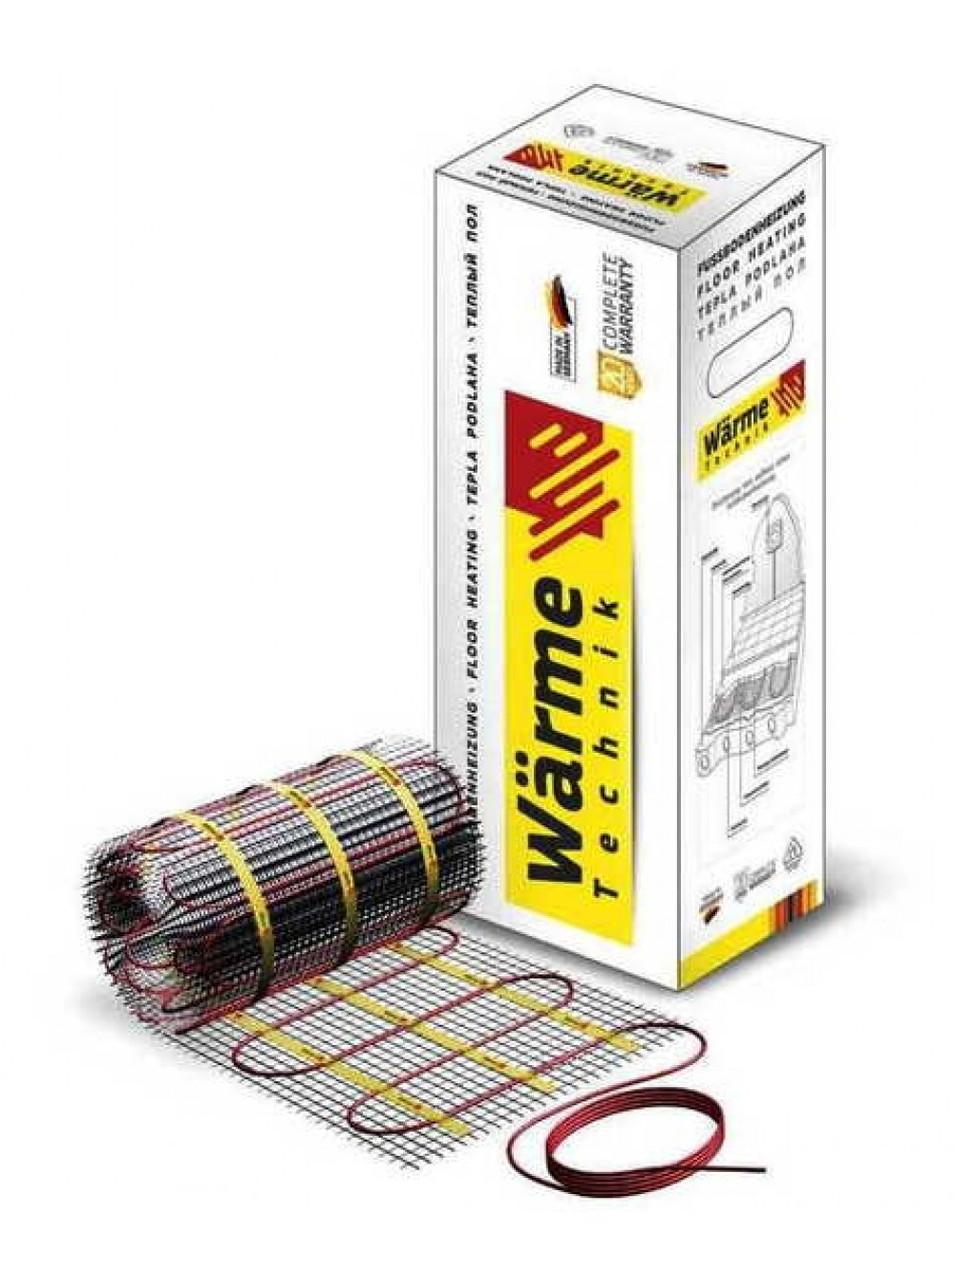 Нагревательный мат Wärme Twin mat   3.5 м²  525 W